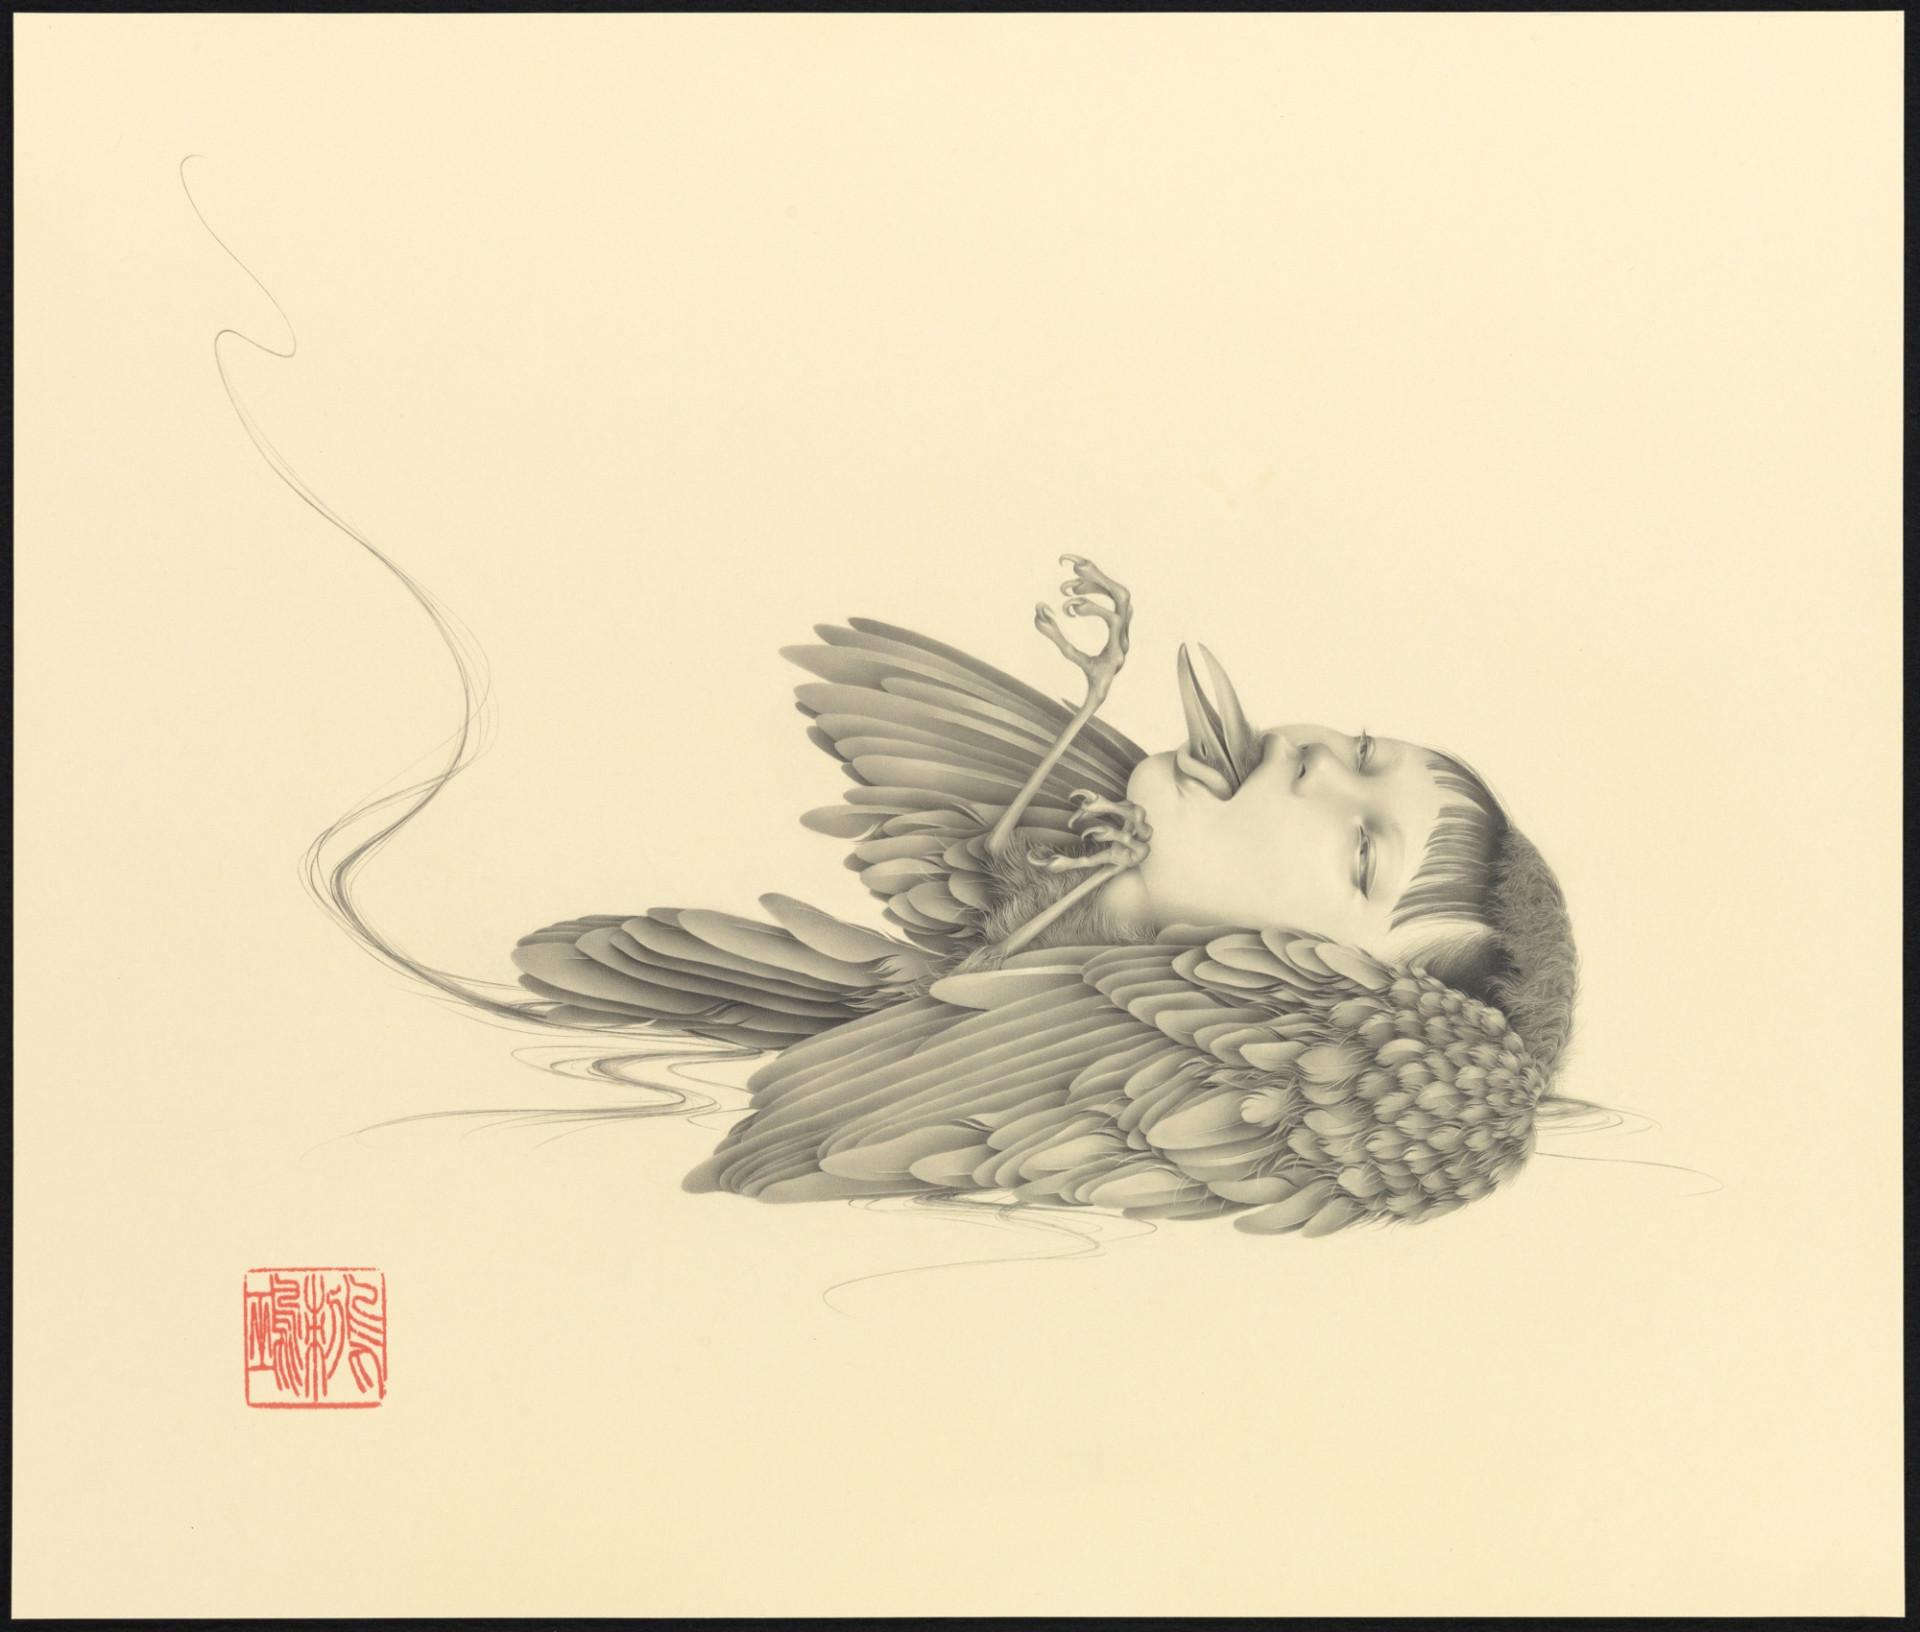 پرتره های بسیار زیبا از زنان جوان اثر هنرمند ژاپنی اوزابو / Ozabu